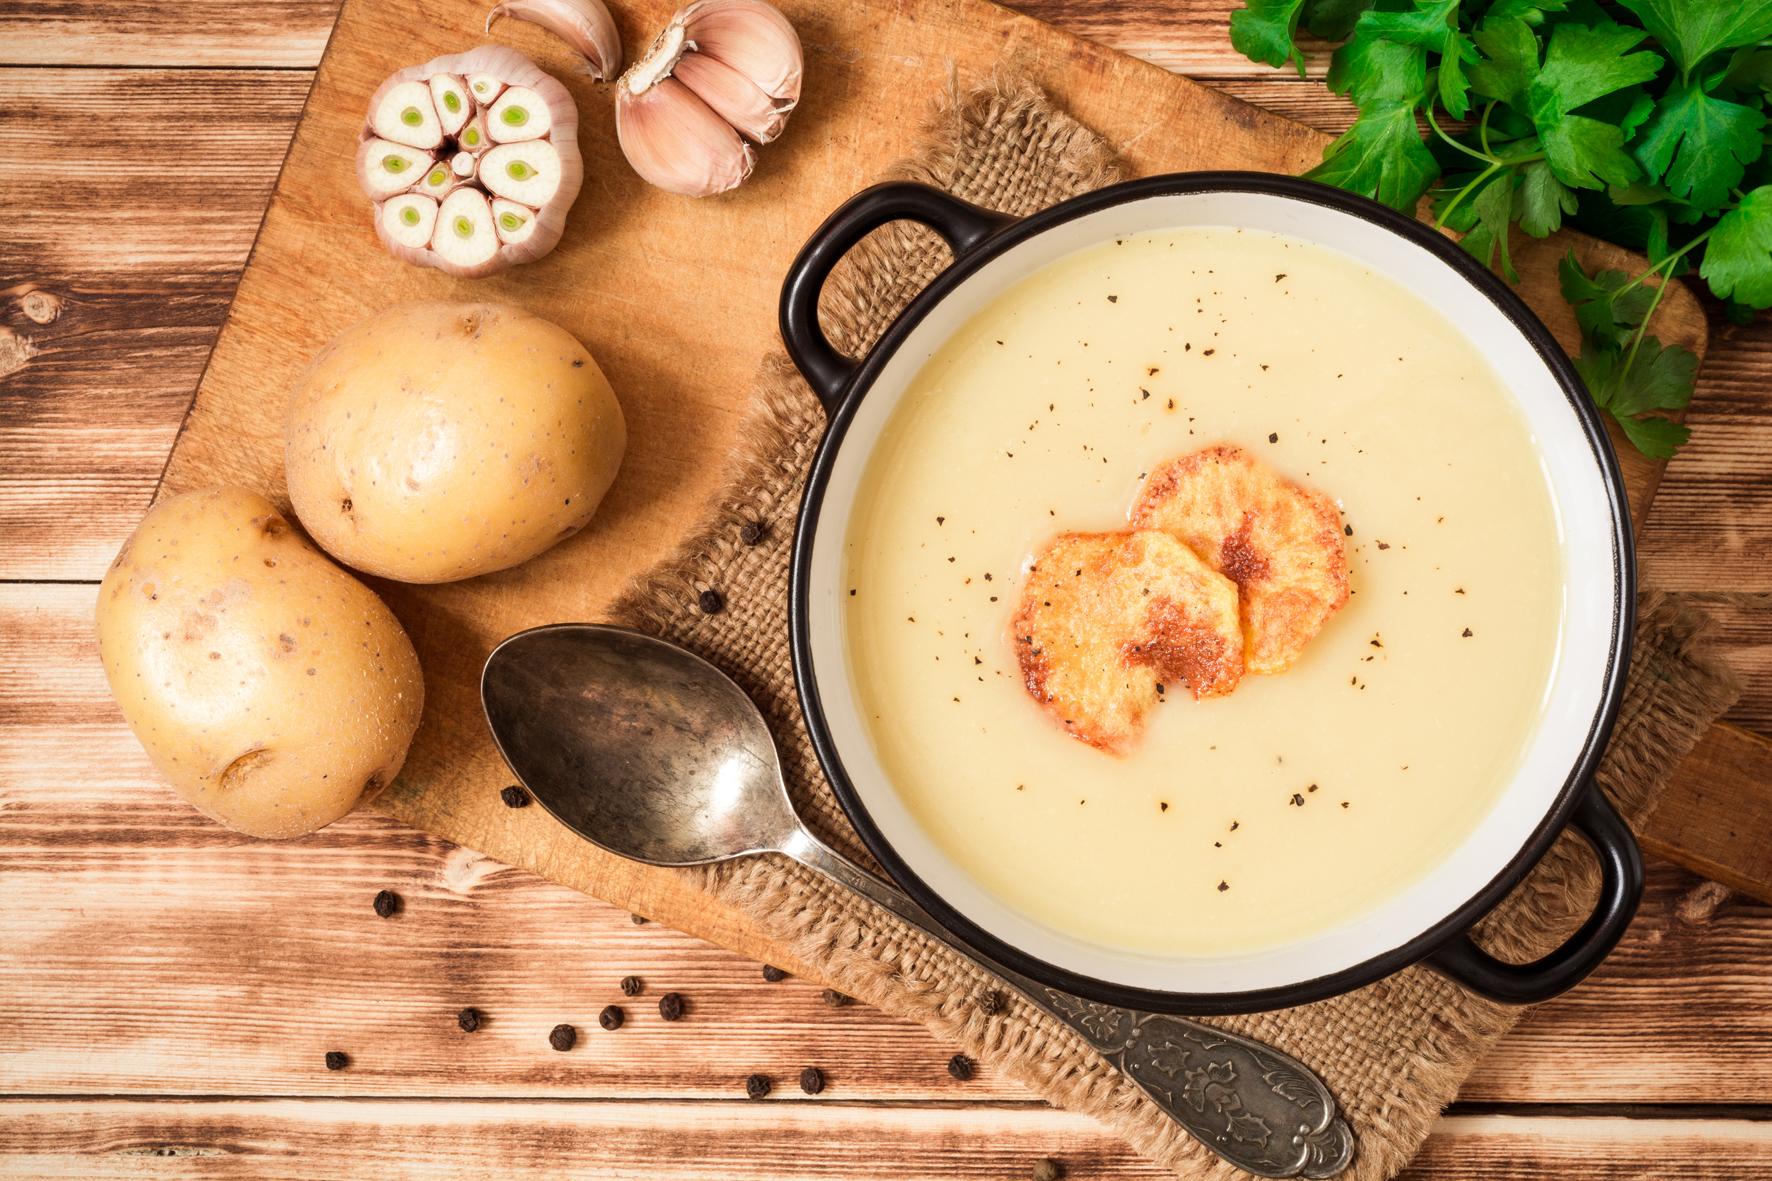 Uvařte pórkovou nebo brokolicovou polévku s kostkami brambor a ty rozmixujte. Polévka bude krémová a hustá, a to bez použití kalorické jíšky nebo smetany.